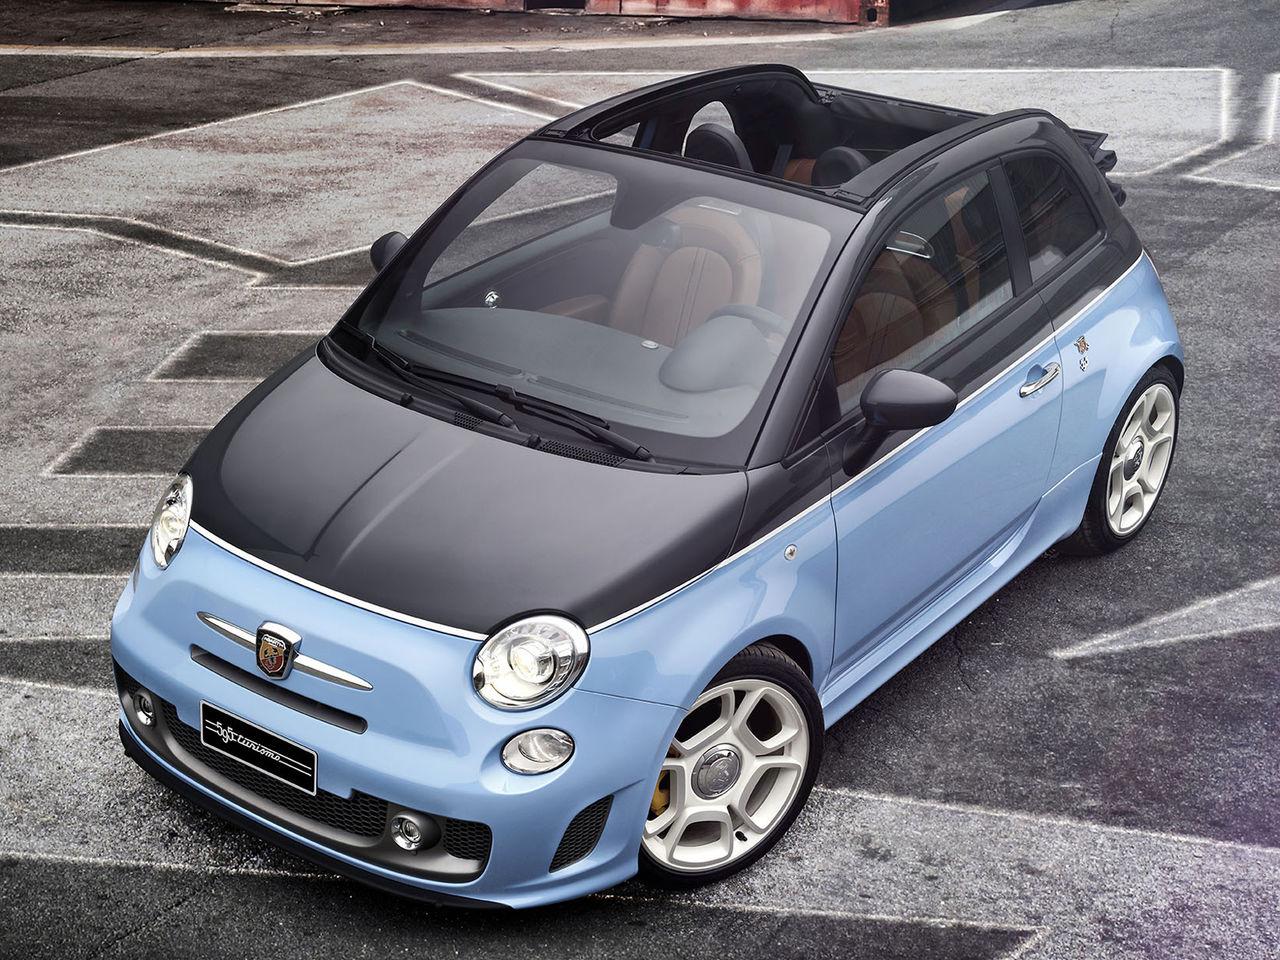 [Fiat] 500 Abarth - Page 13 Abarth_595c_turismo_22